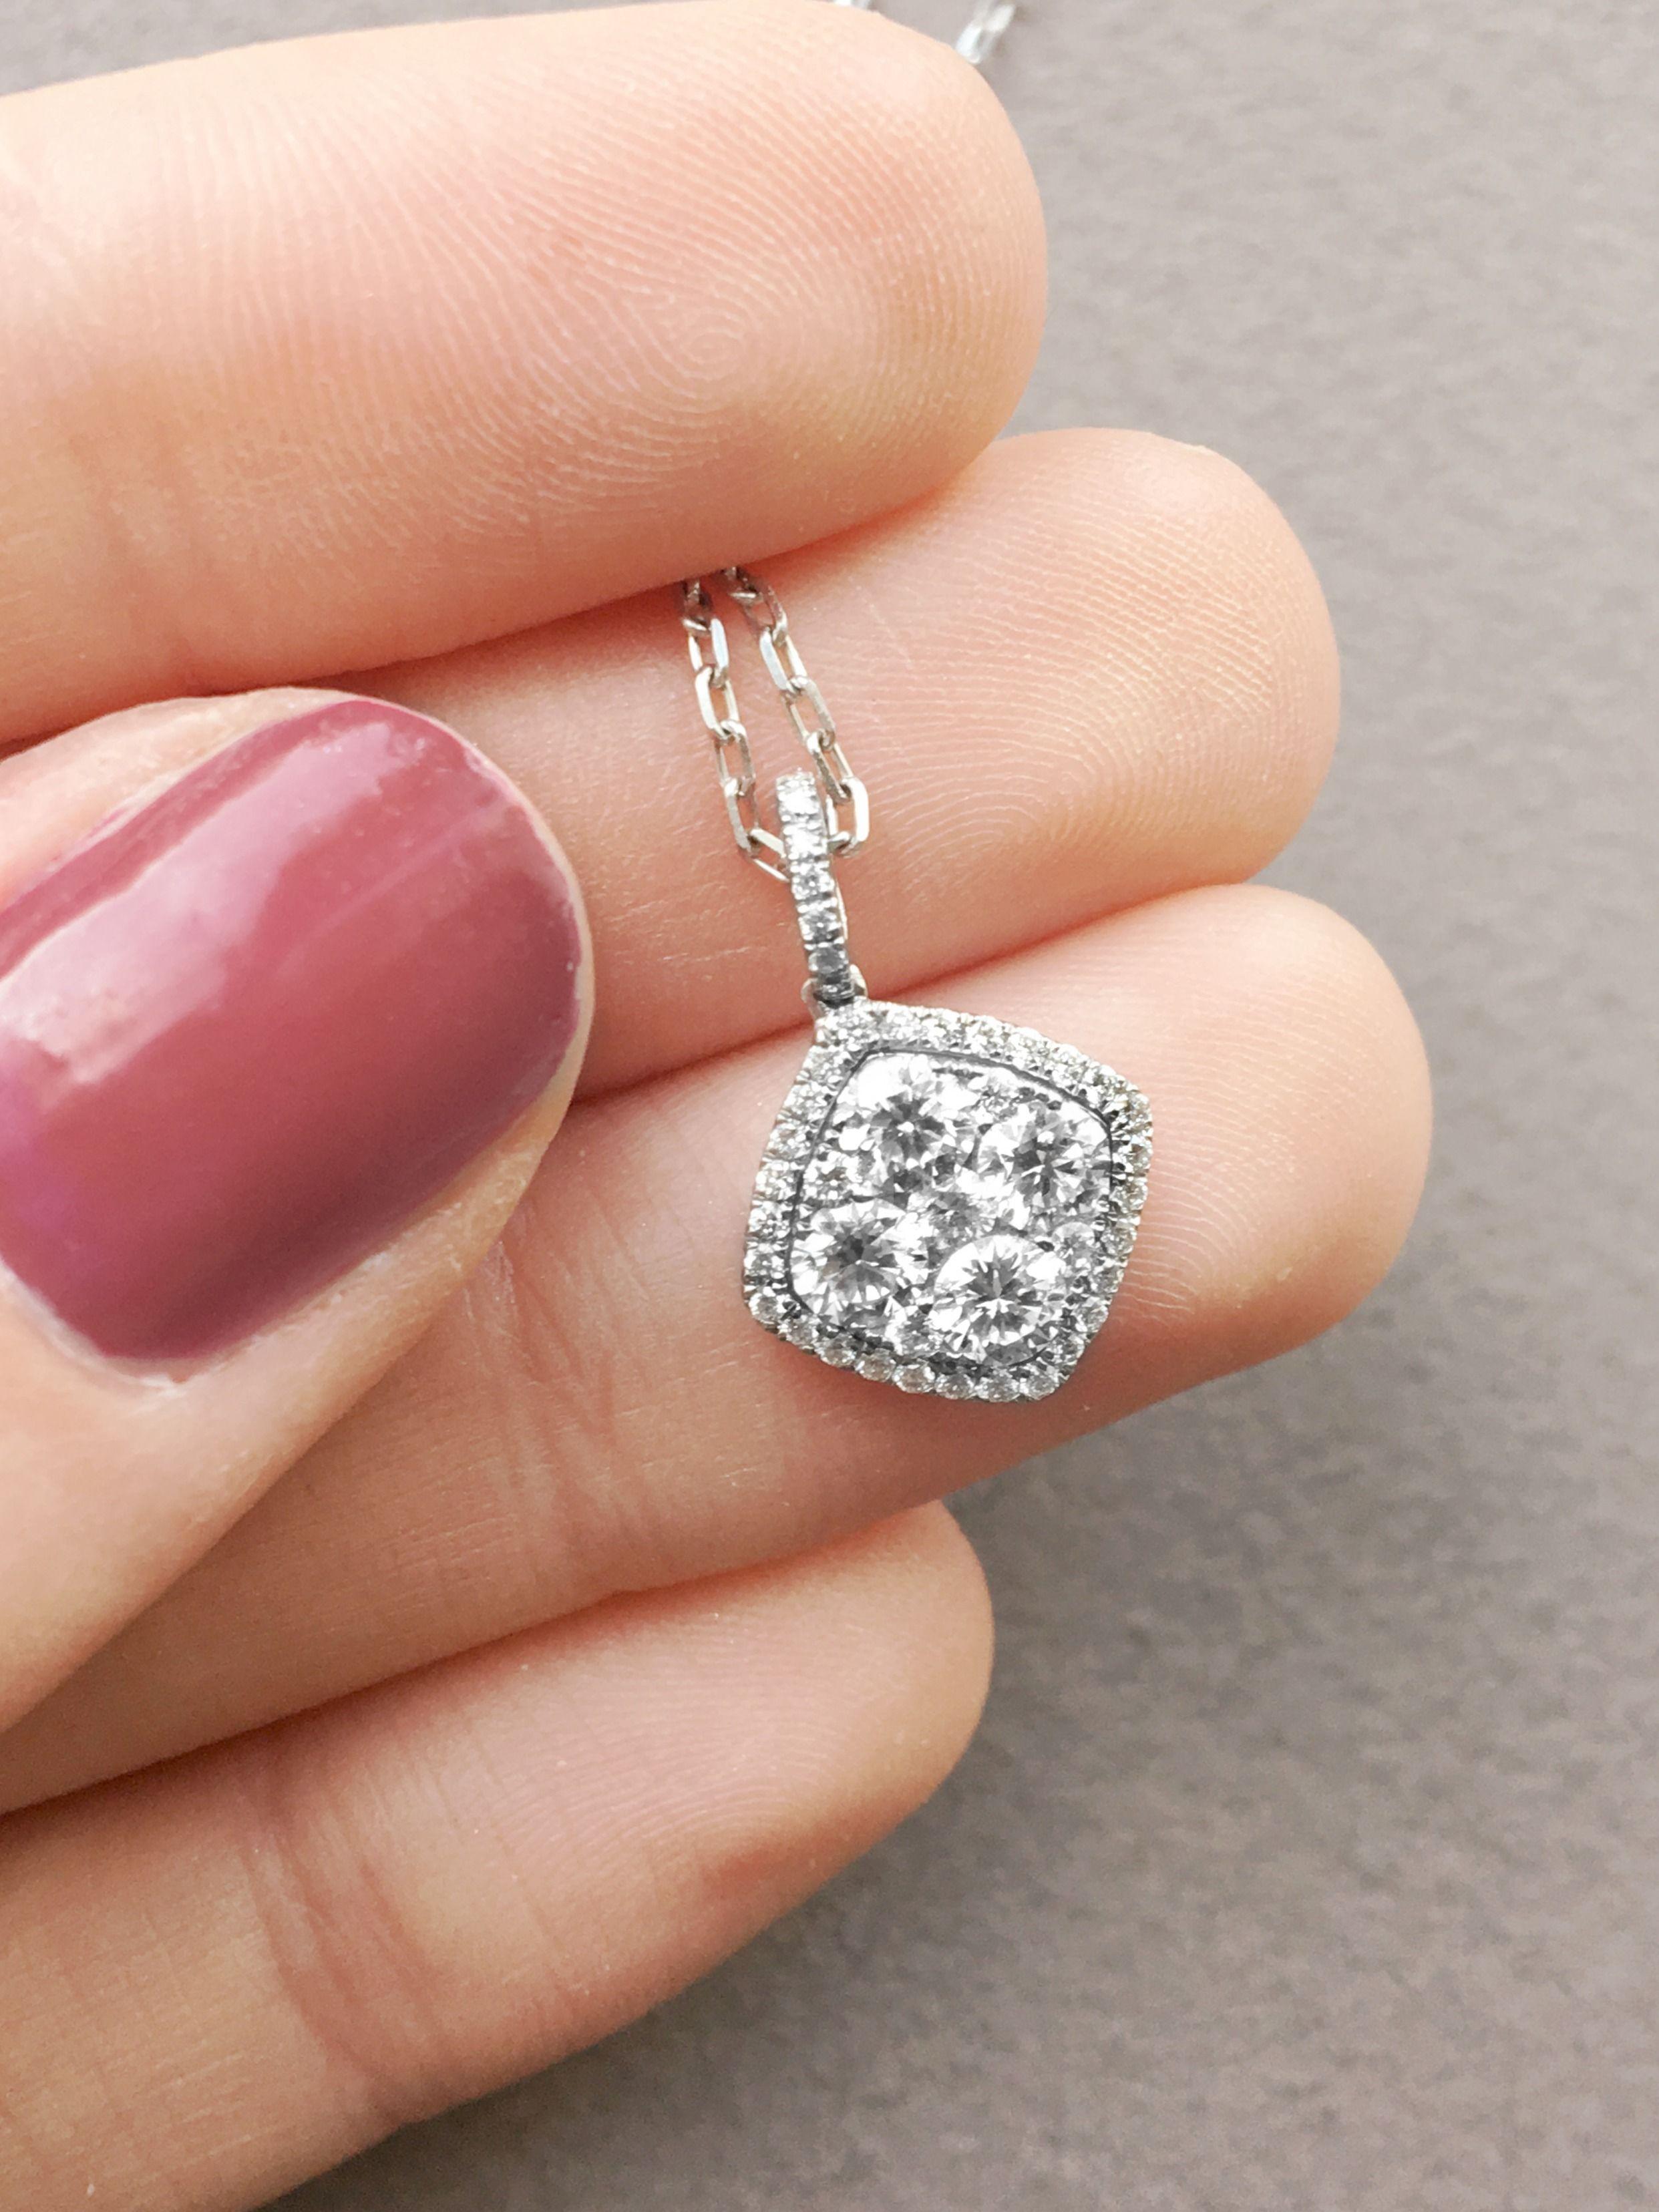 Multistone Diamond Pendant dublin ireland